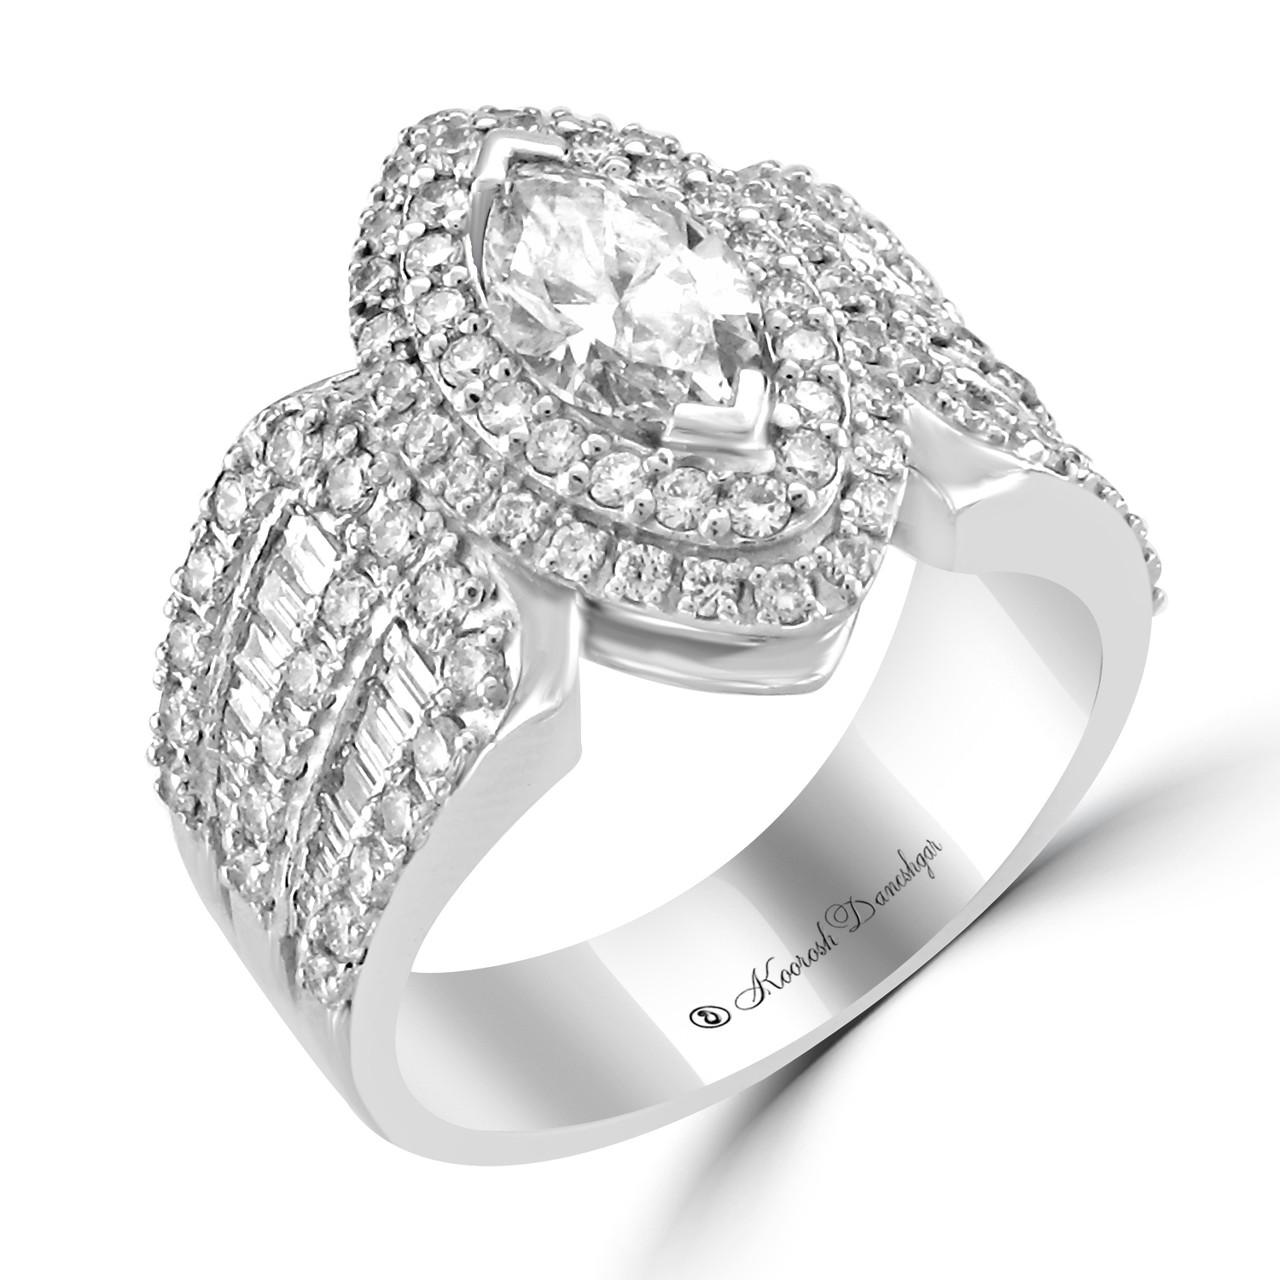 14k White Gold Preset Engagement Ring  Elizabeth Style. Attached Rings. Deer Antler Wedding Rings. Unheated Engagement Rings. Customised Wedding Rings. Jewellery Pinterest Wedding Rings. Norse Rings. Heirloom Rings. Miabella Wedding Rings